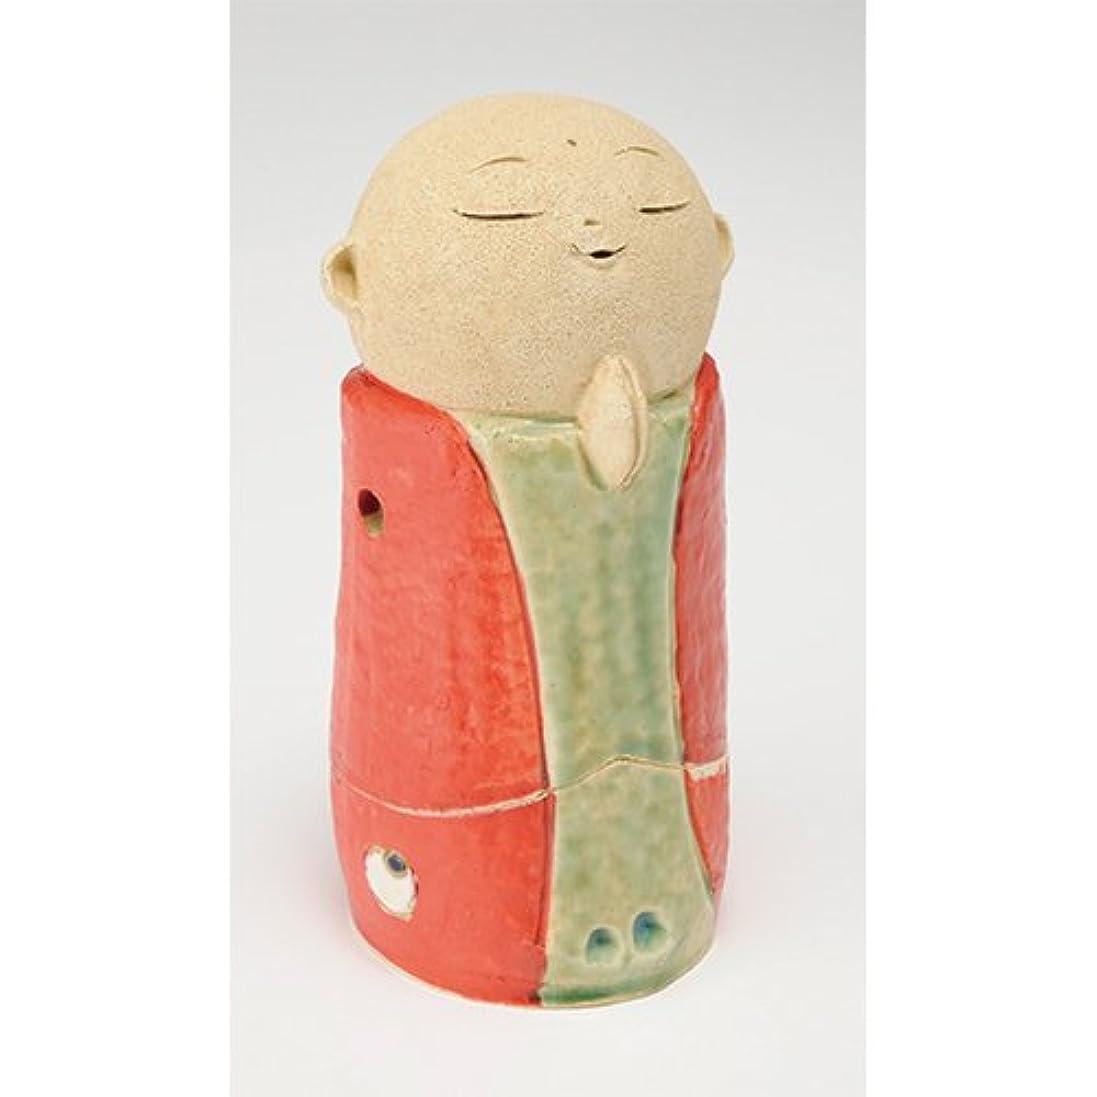 不快な急いで革新お地蔵様 香炉シリーズ 赤 お地蔵様 香炉 5.3寸(大) [H16cm] HANDMADE プレゼント ギフト 和食器 かわいい インテリア